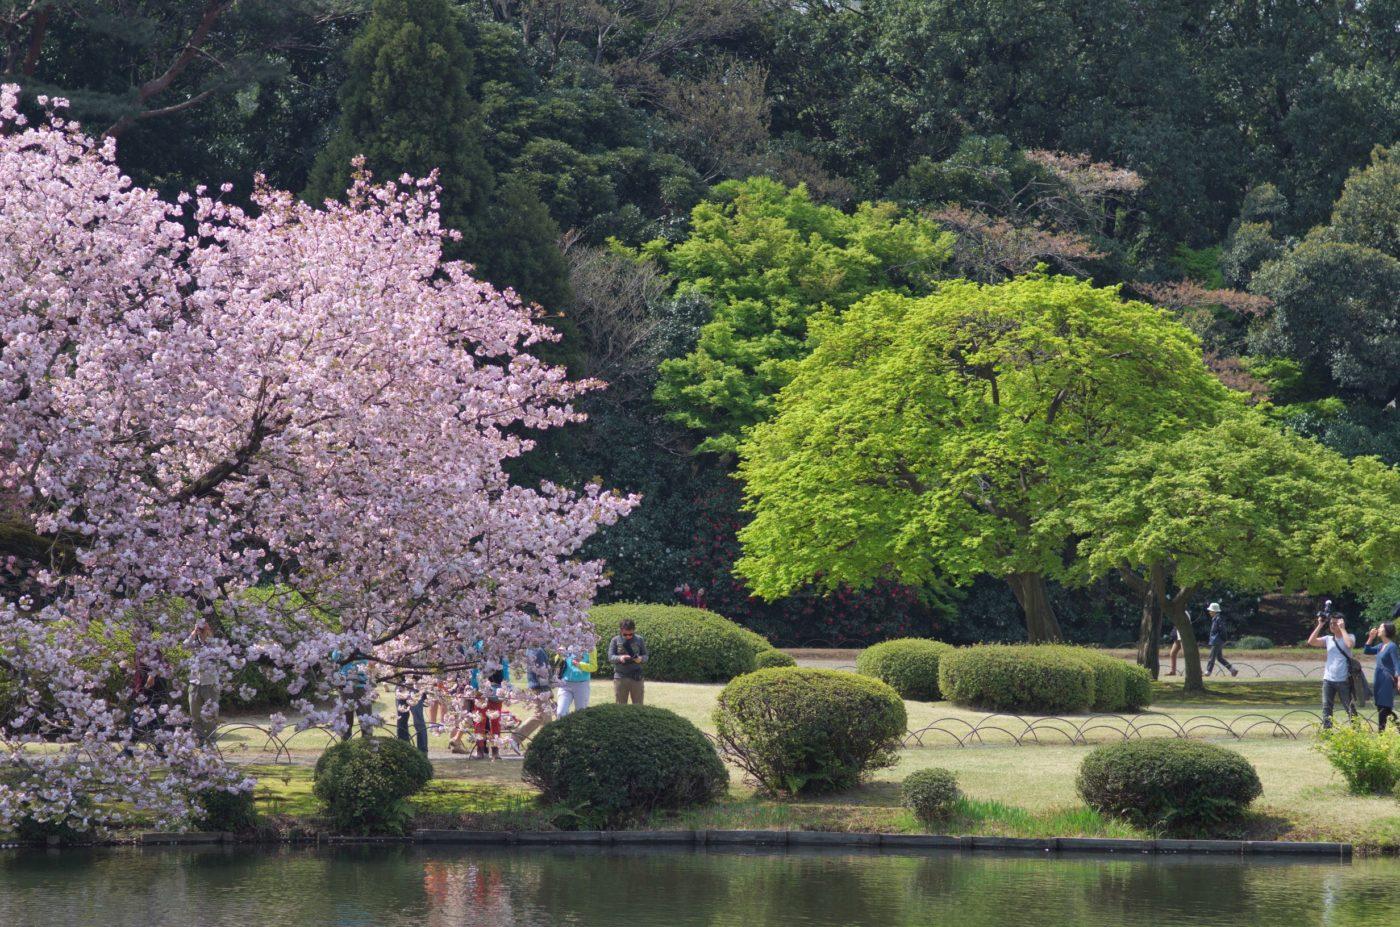 10 התצפיות הטובות ביותר לפריחת הדובדבן בטוקיו